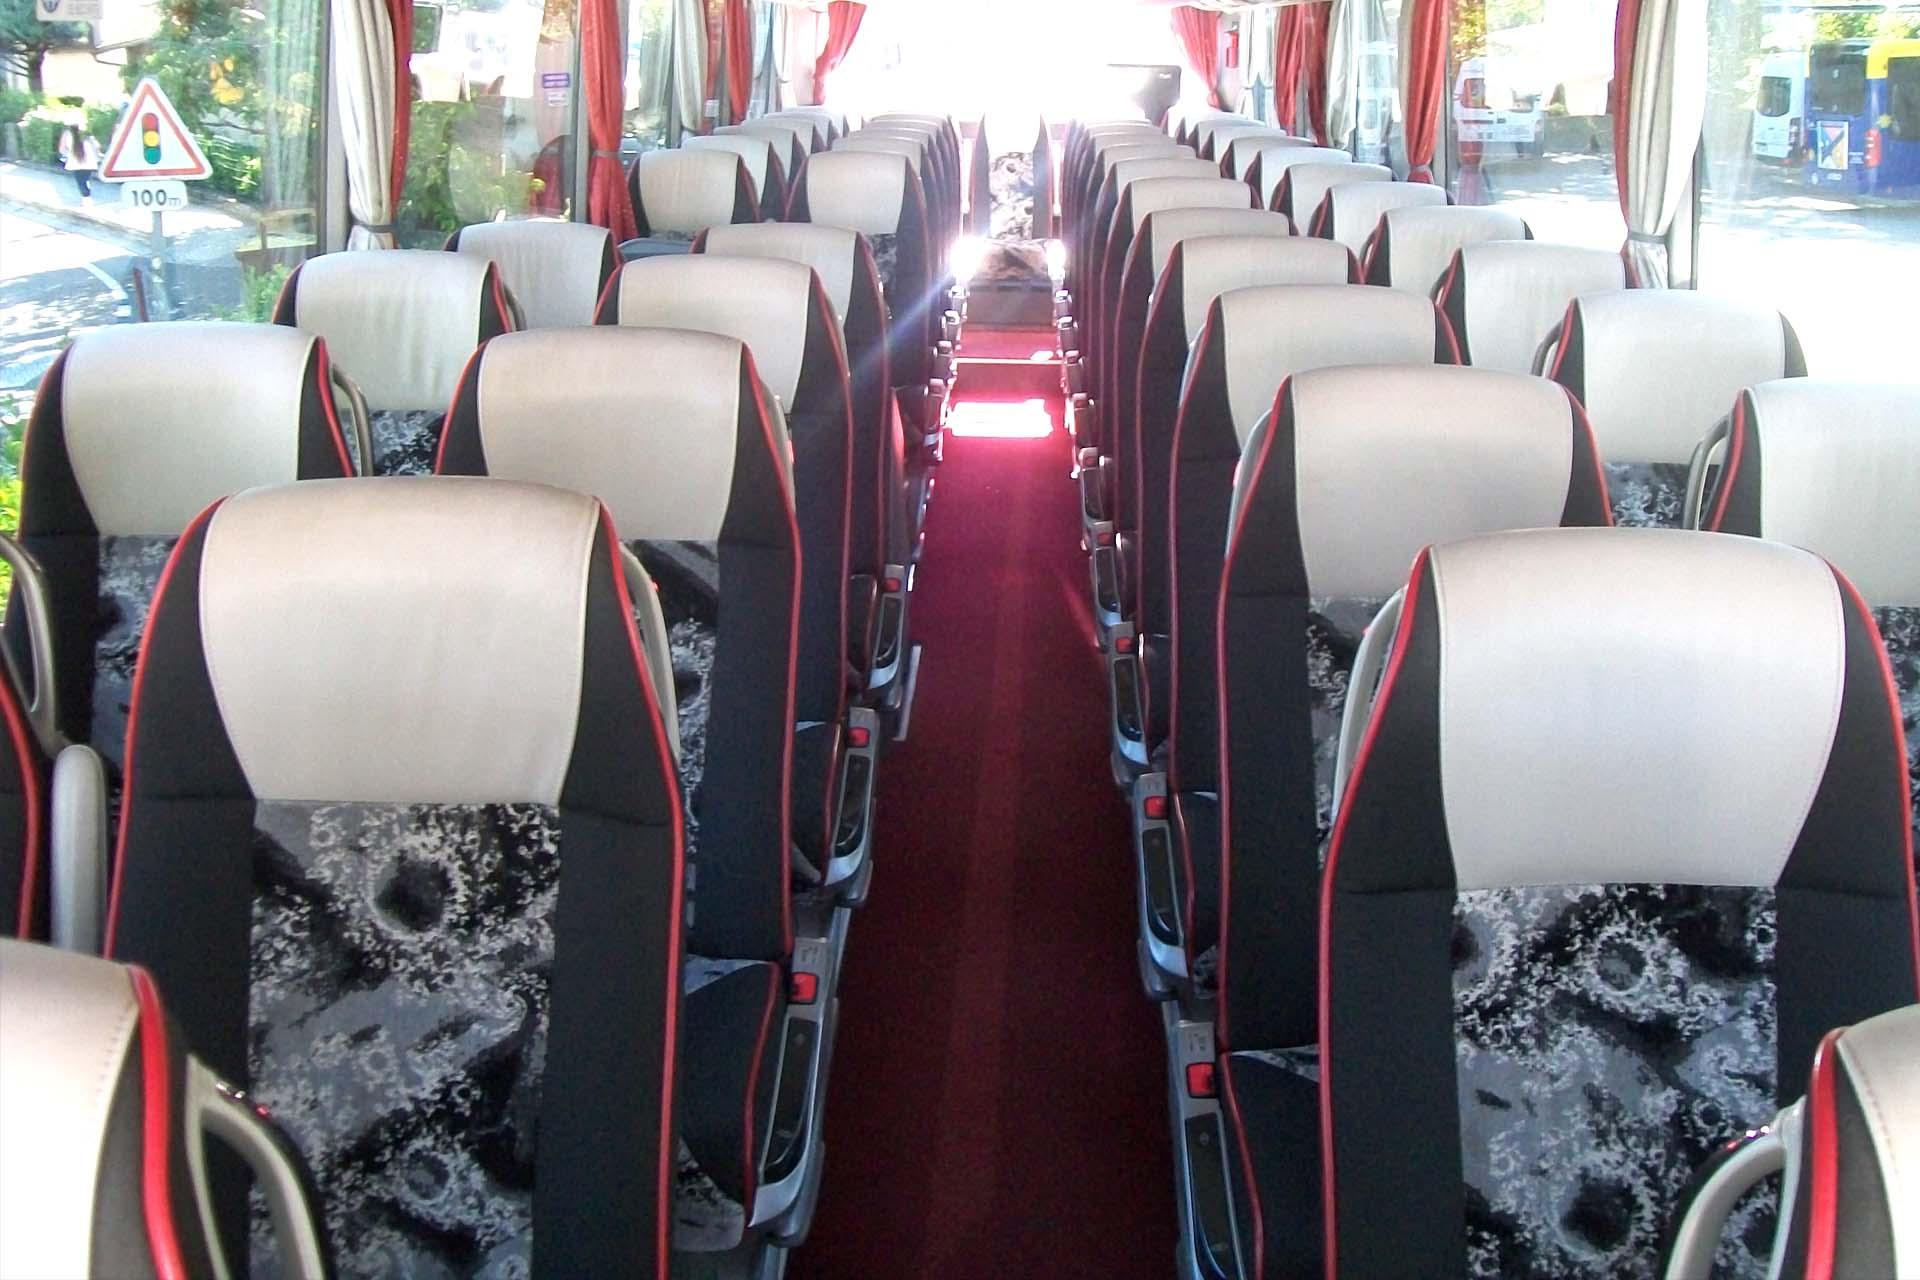 interieur-setra-517hd-autocars-boulet-mende